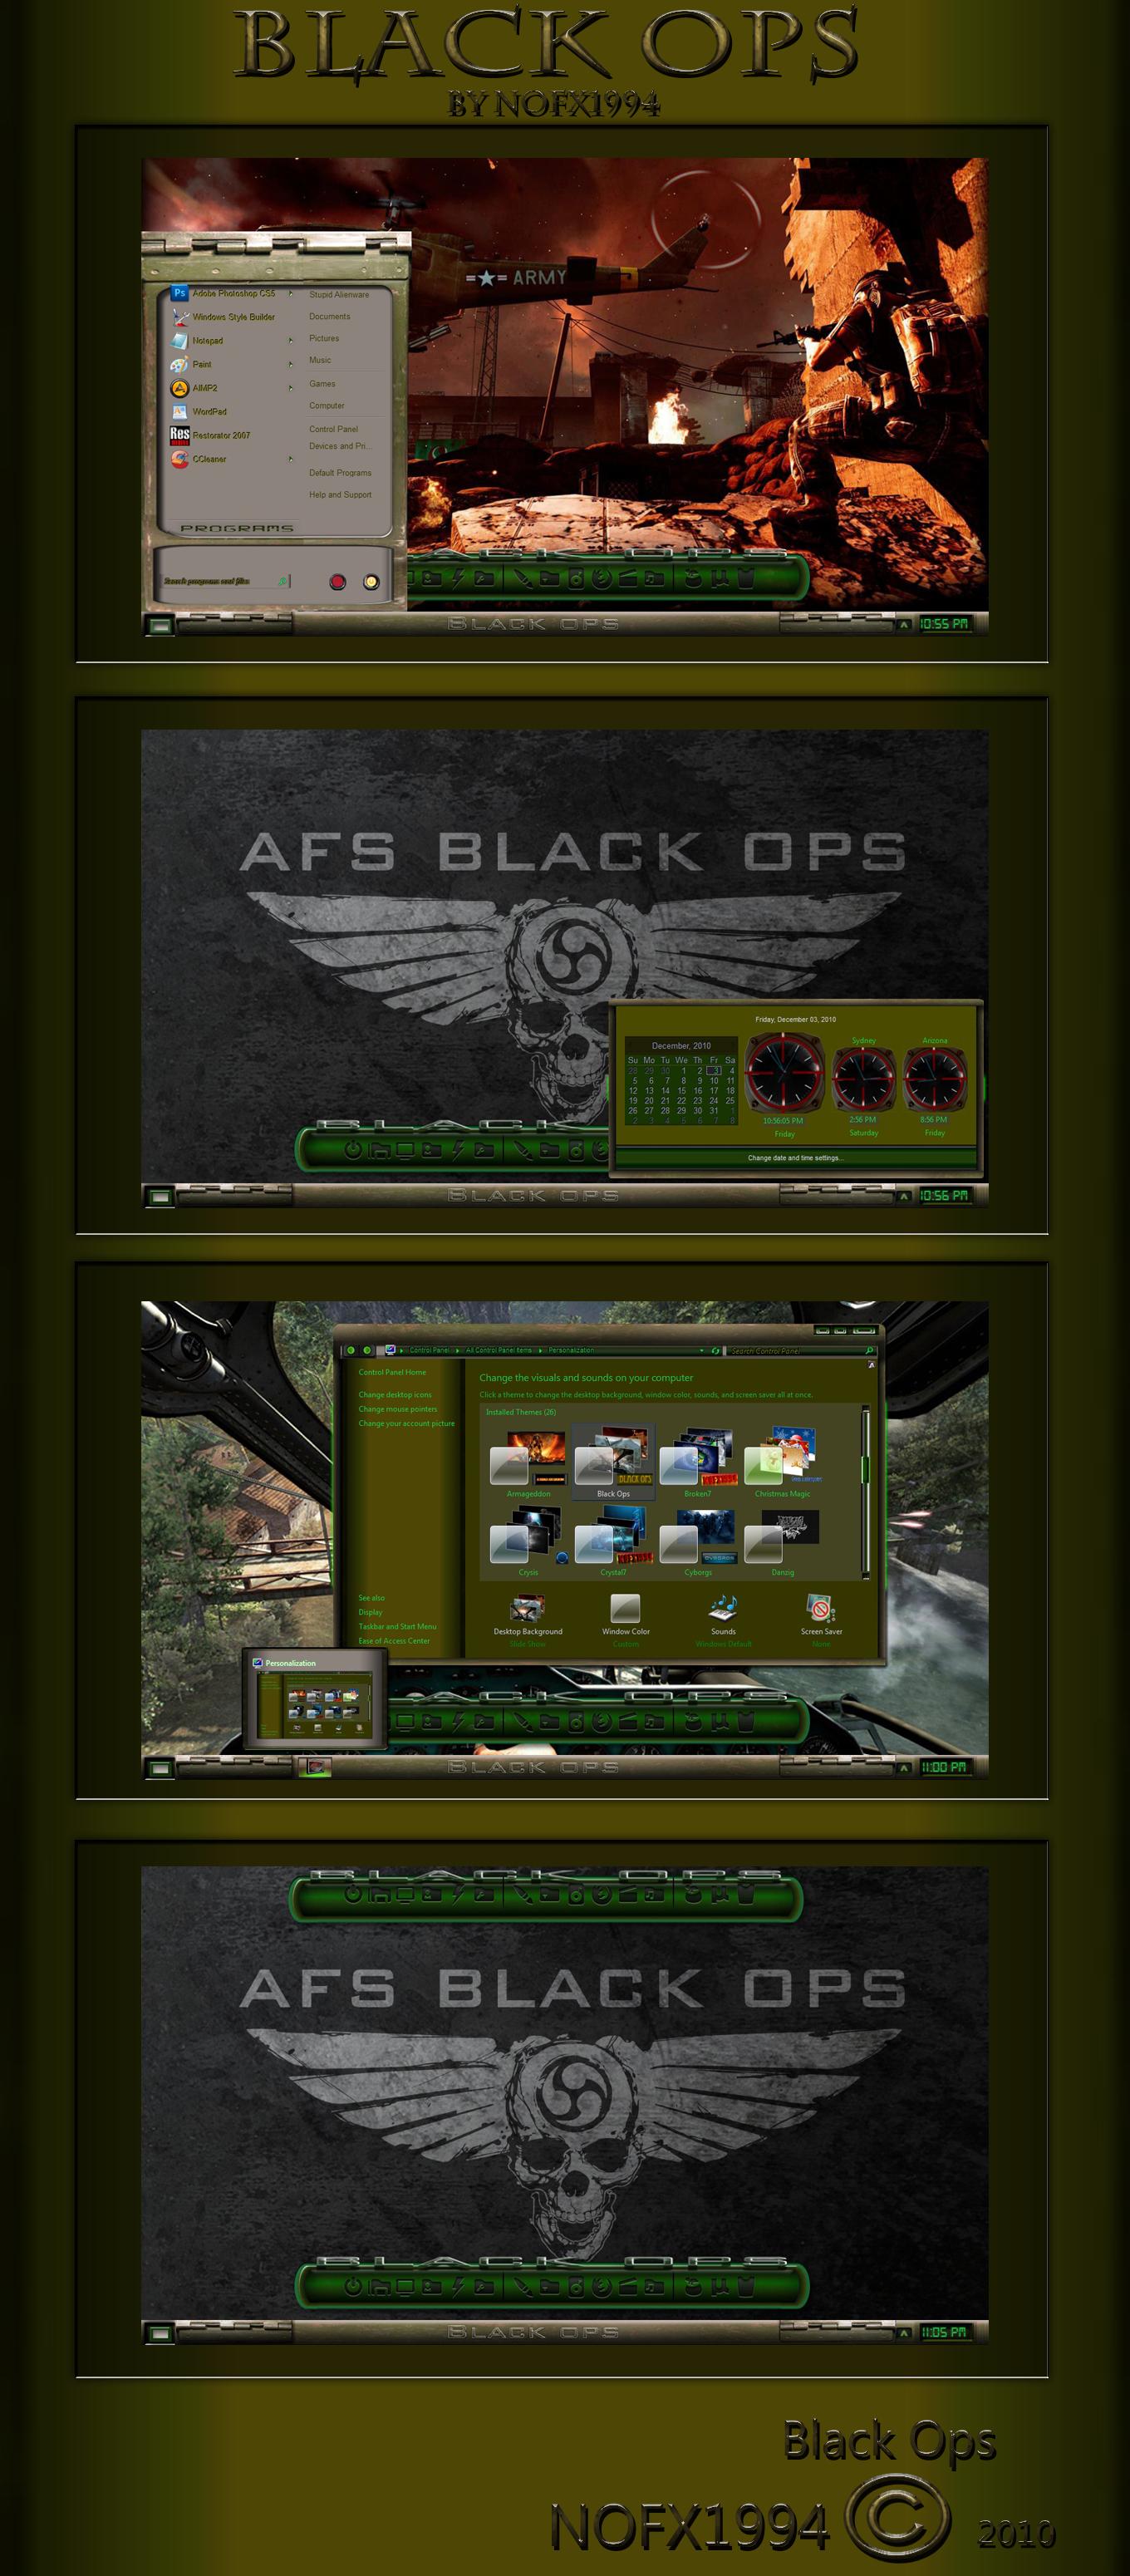 Black Ops Theme